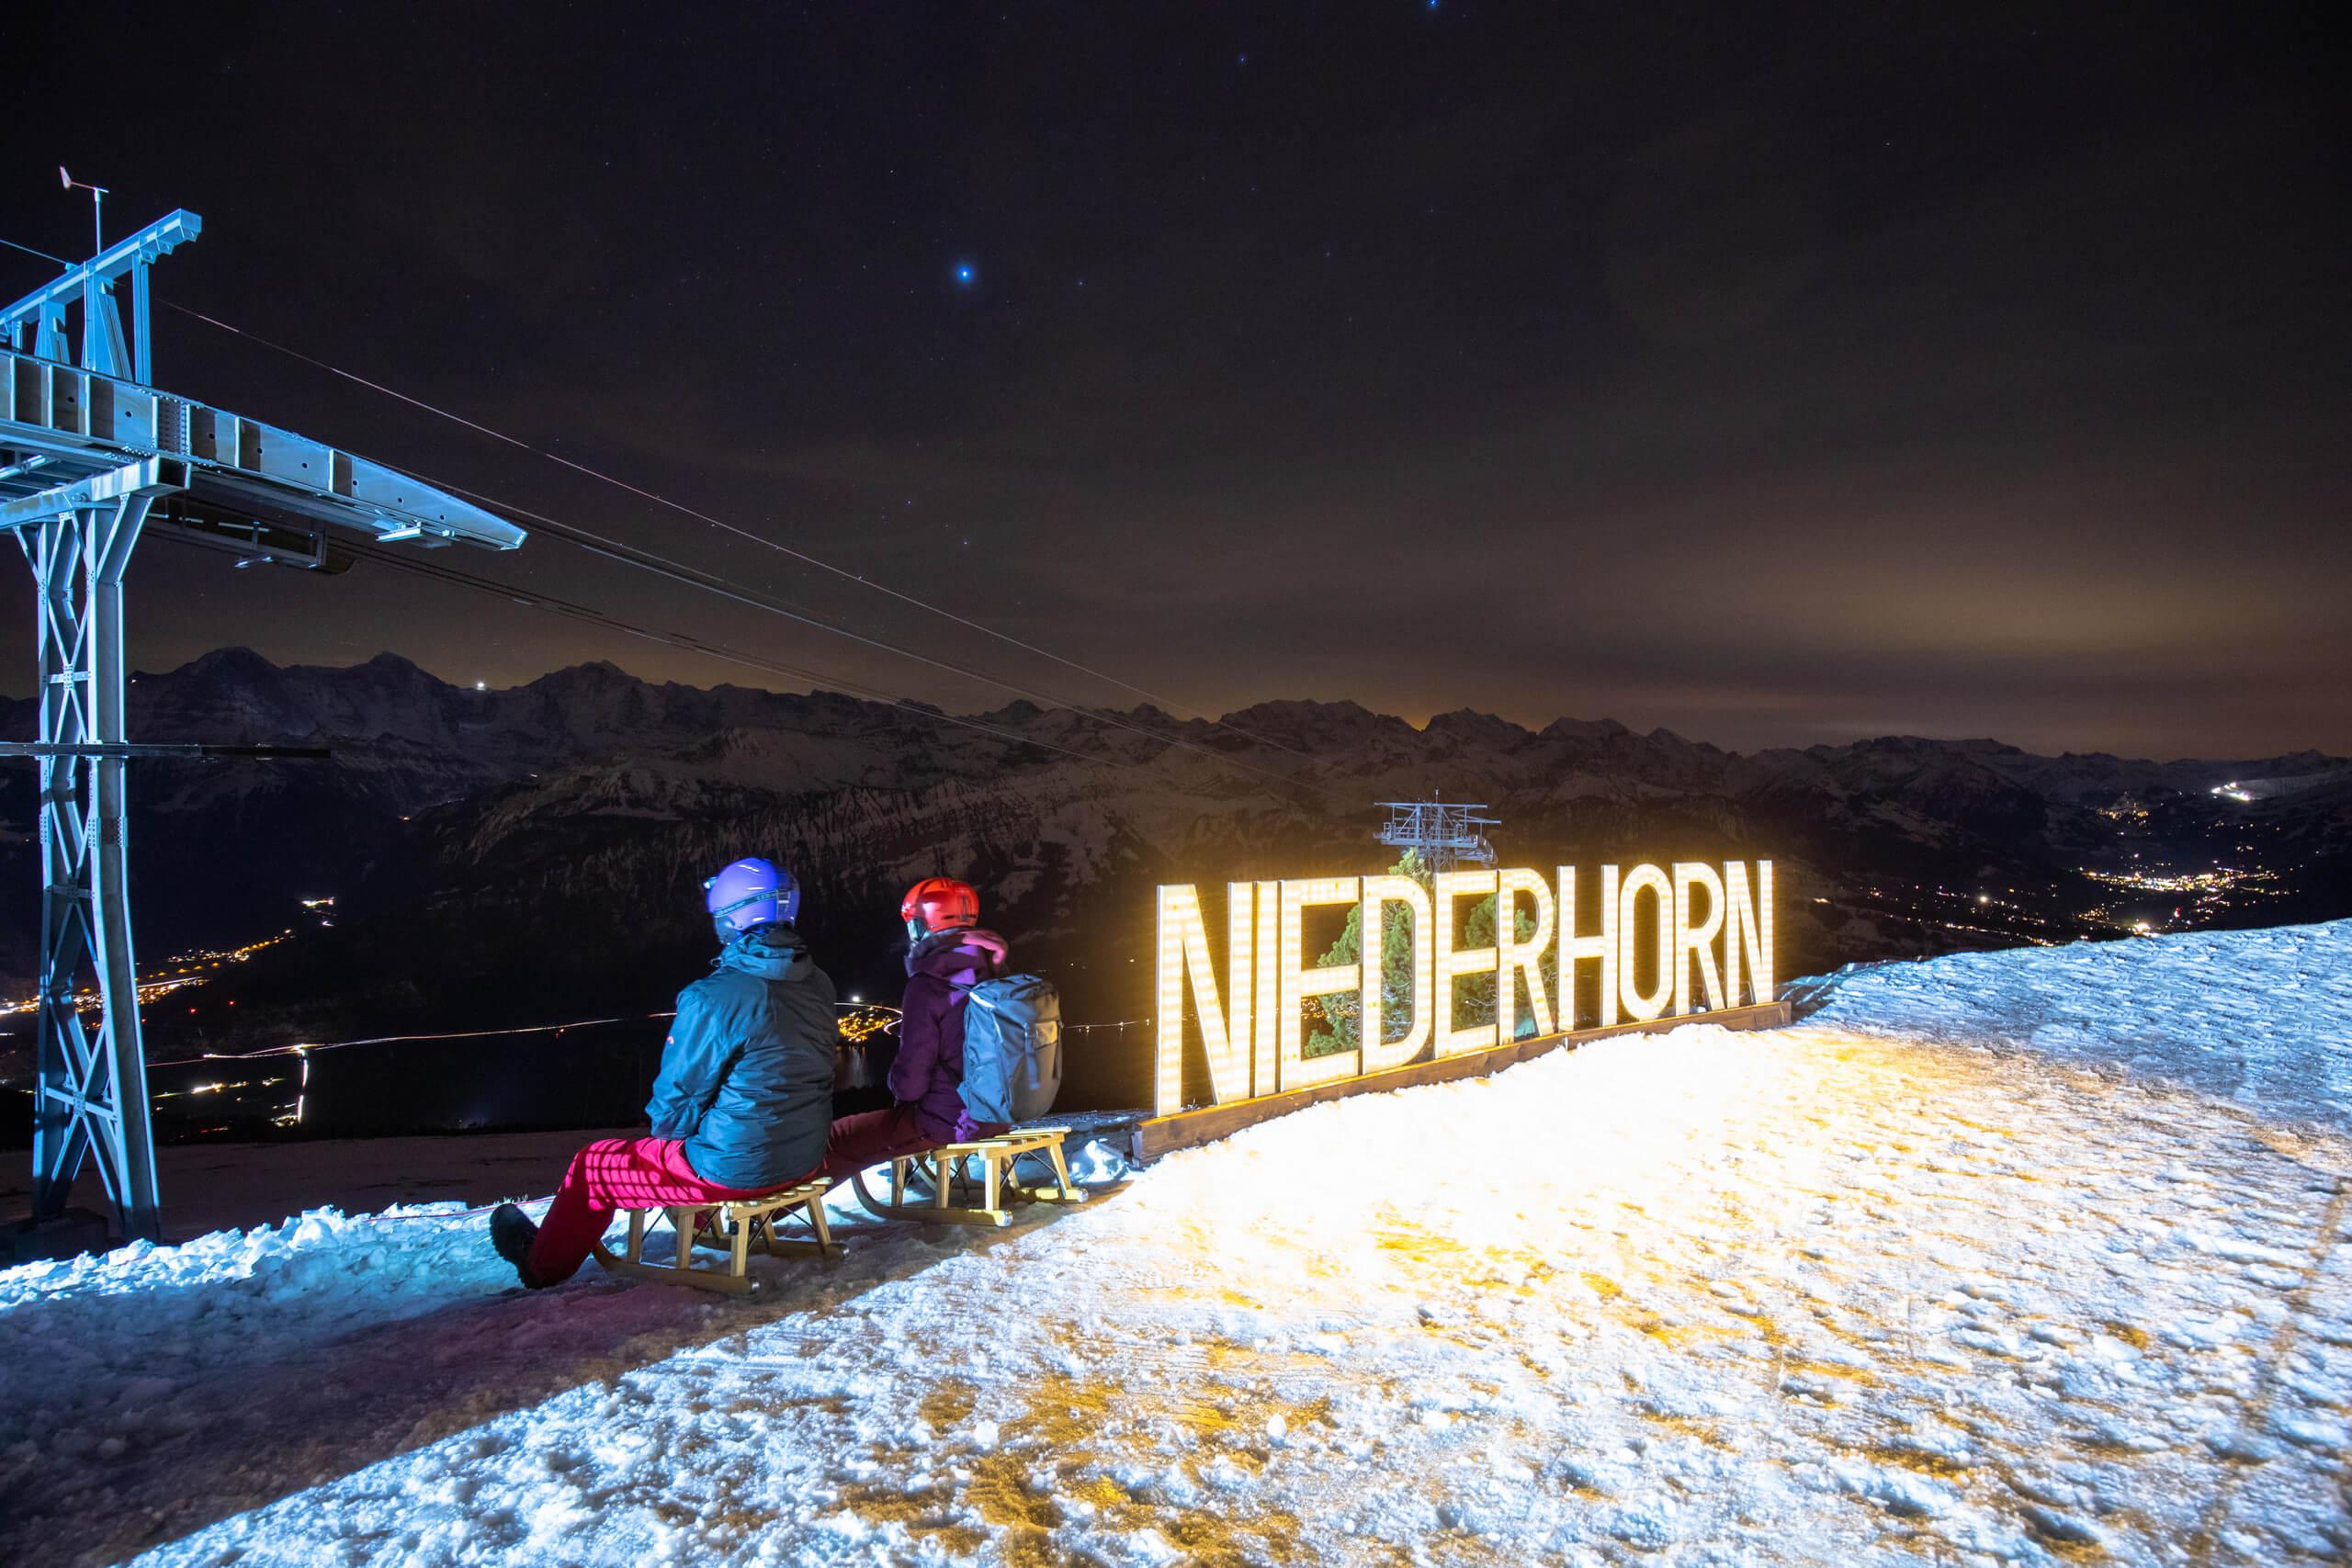 niederhorn-sternenschlitteln-schrift-nacht-schnee